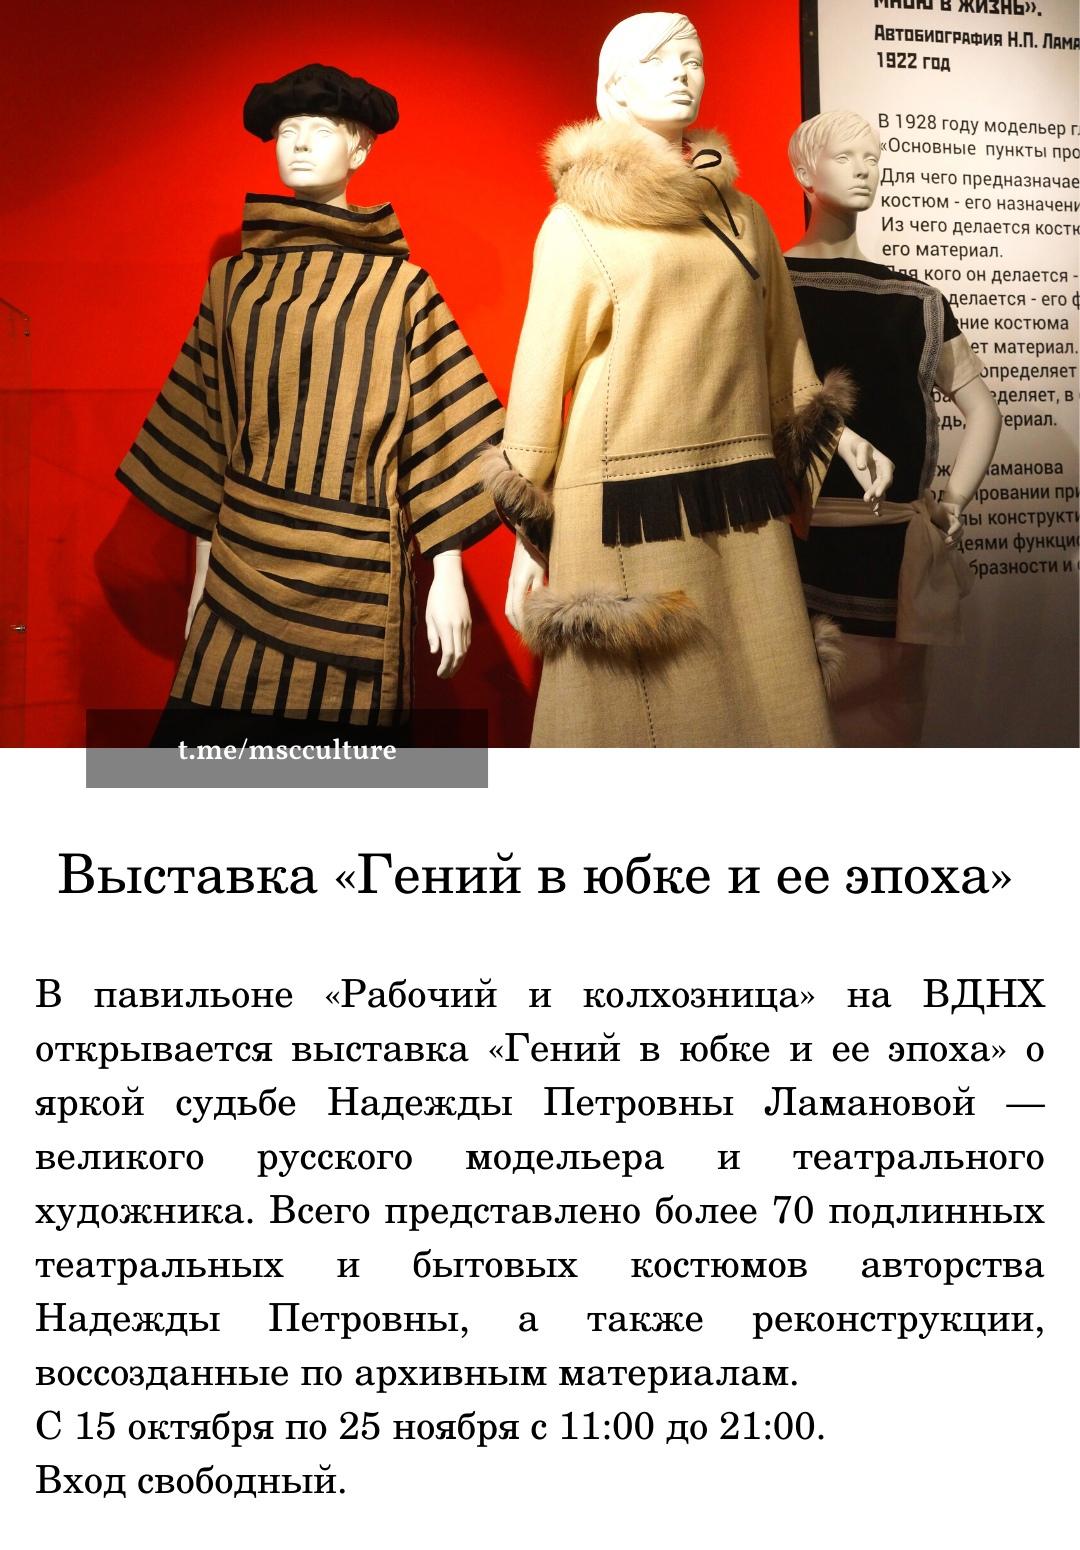 Пост Москвича номер #62054